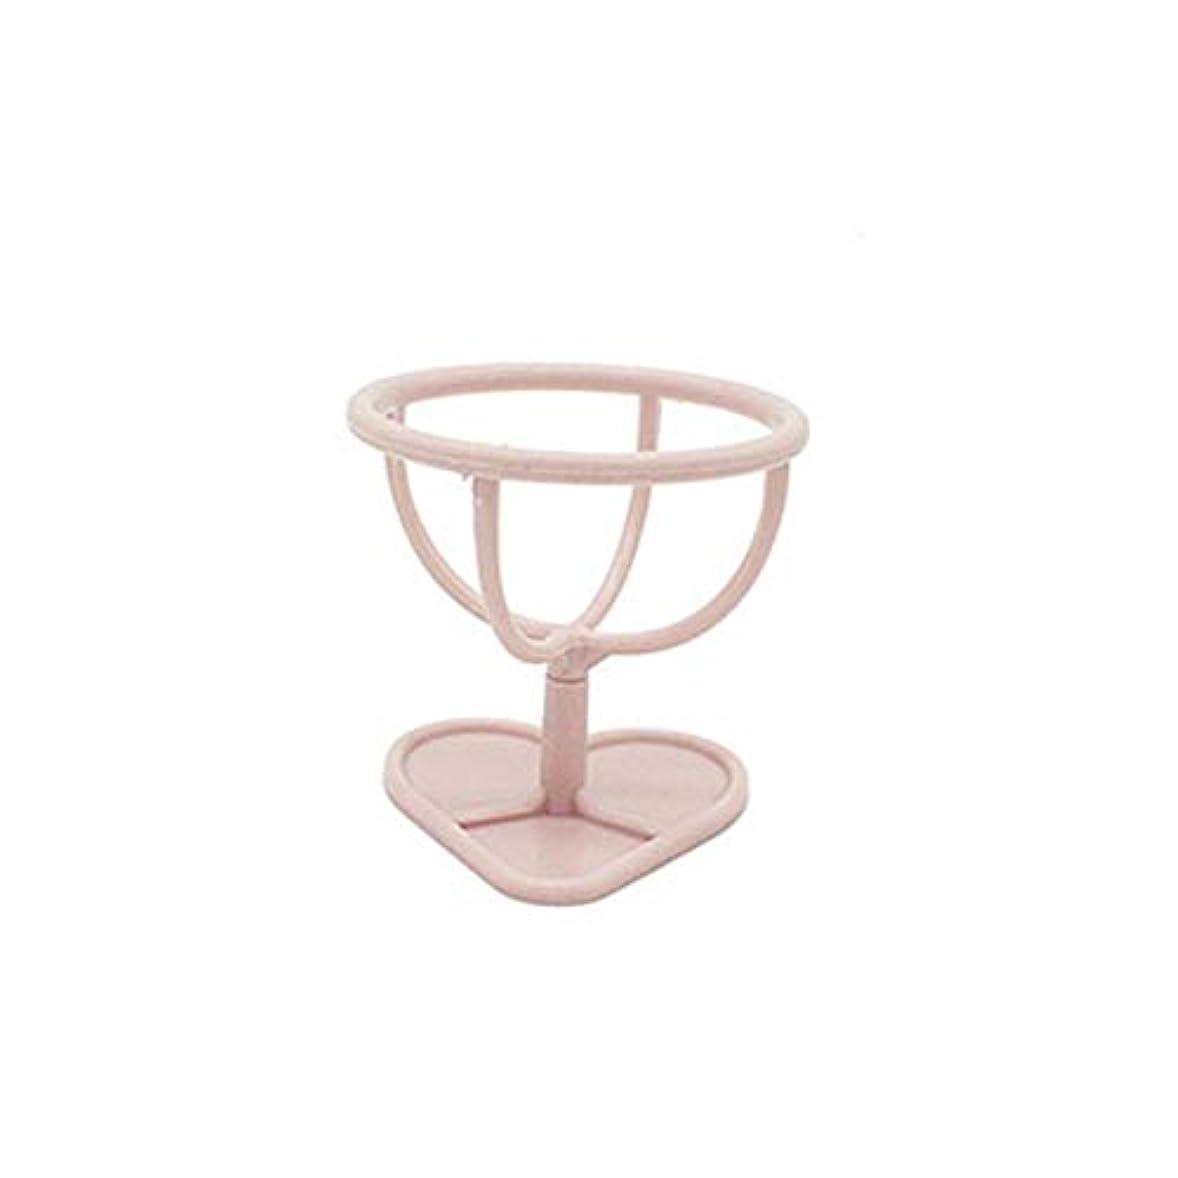 ぐるぐる鹿継続中パフ美容メイクスポンジホルダー化粧品スポンジスタンド卵粉パフ収納ラックドライヤー化粧オーガナイザー棚ツールキット(Color:pink)